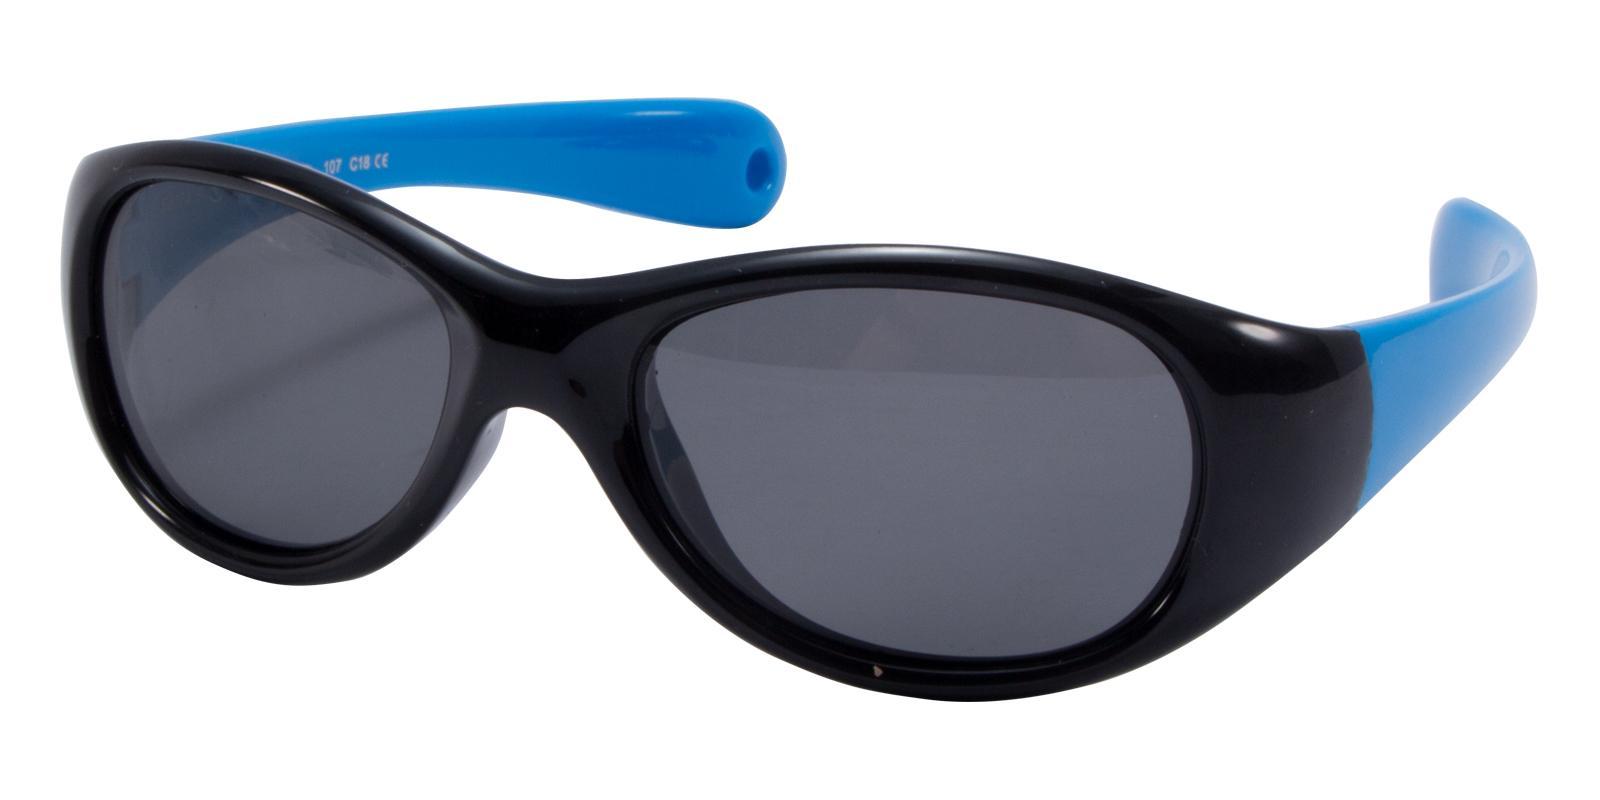 Sulphur Black TR Sunglasses , UniversalBridgeFit Frames from ABBE Glasses